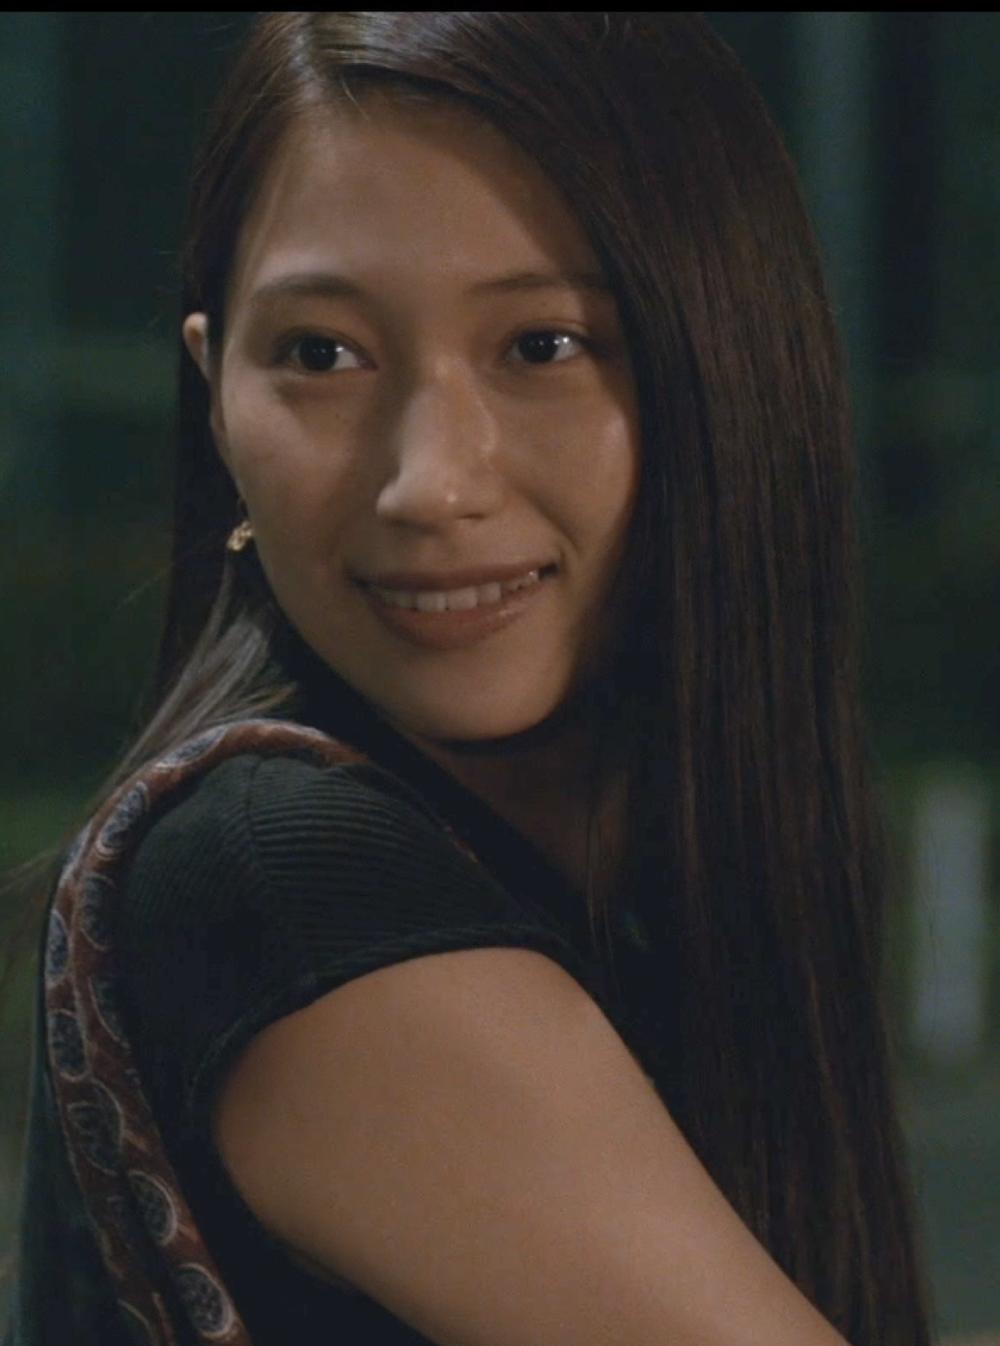 SHISHAMOの最新楽曲「またね」短編映画化!